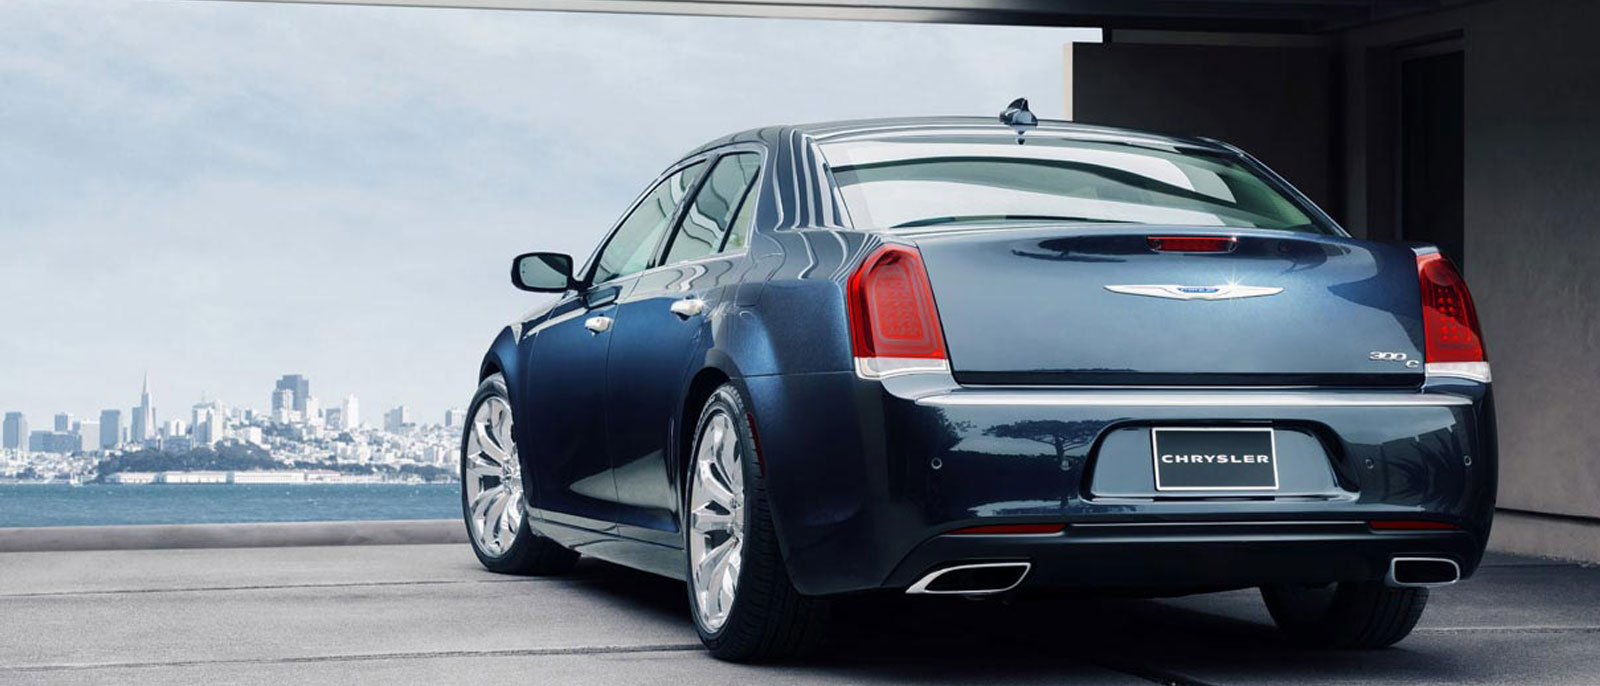 2015 Chrysler 300 back view